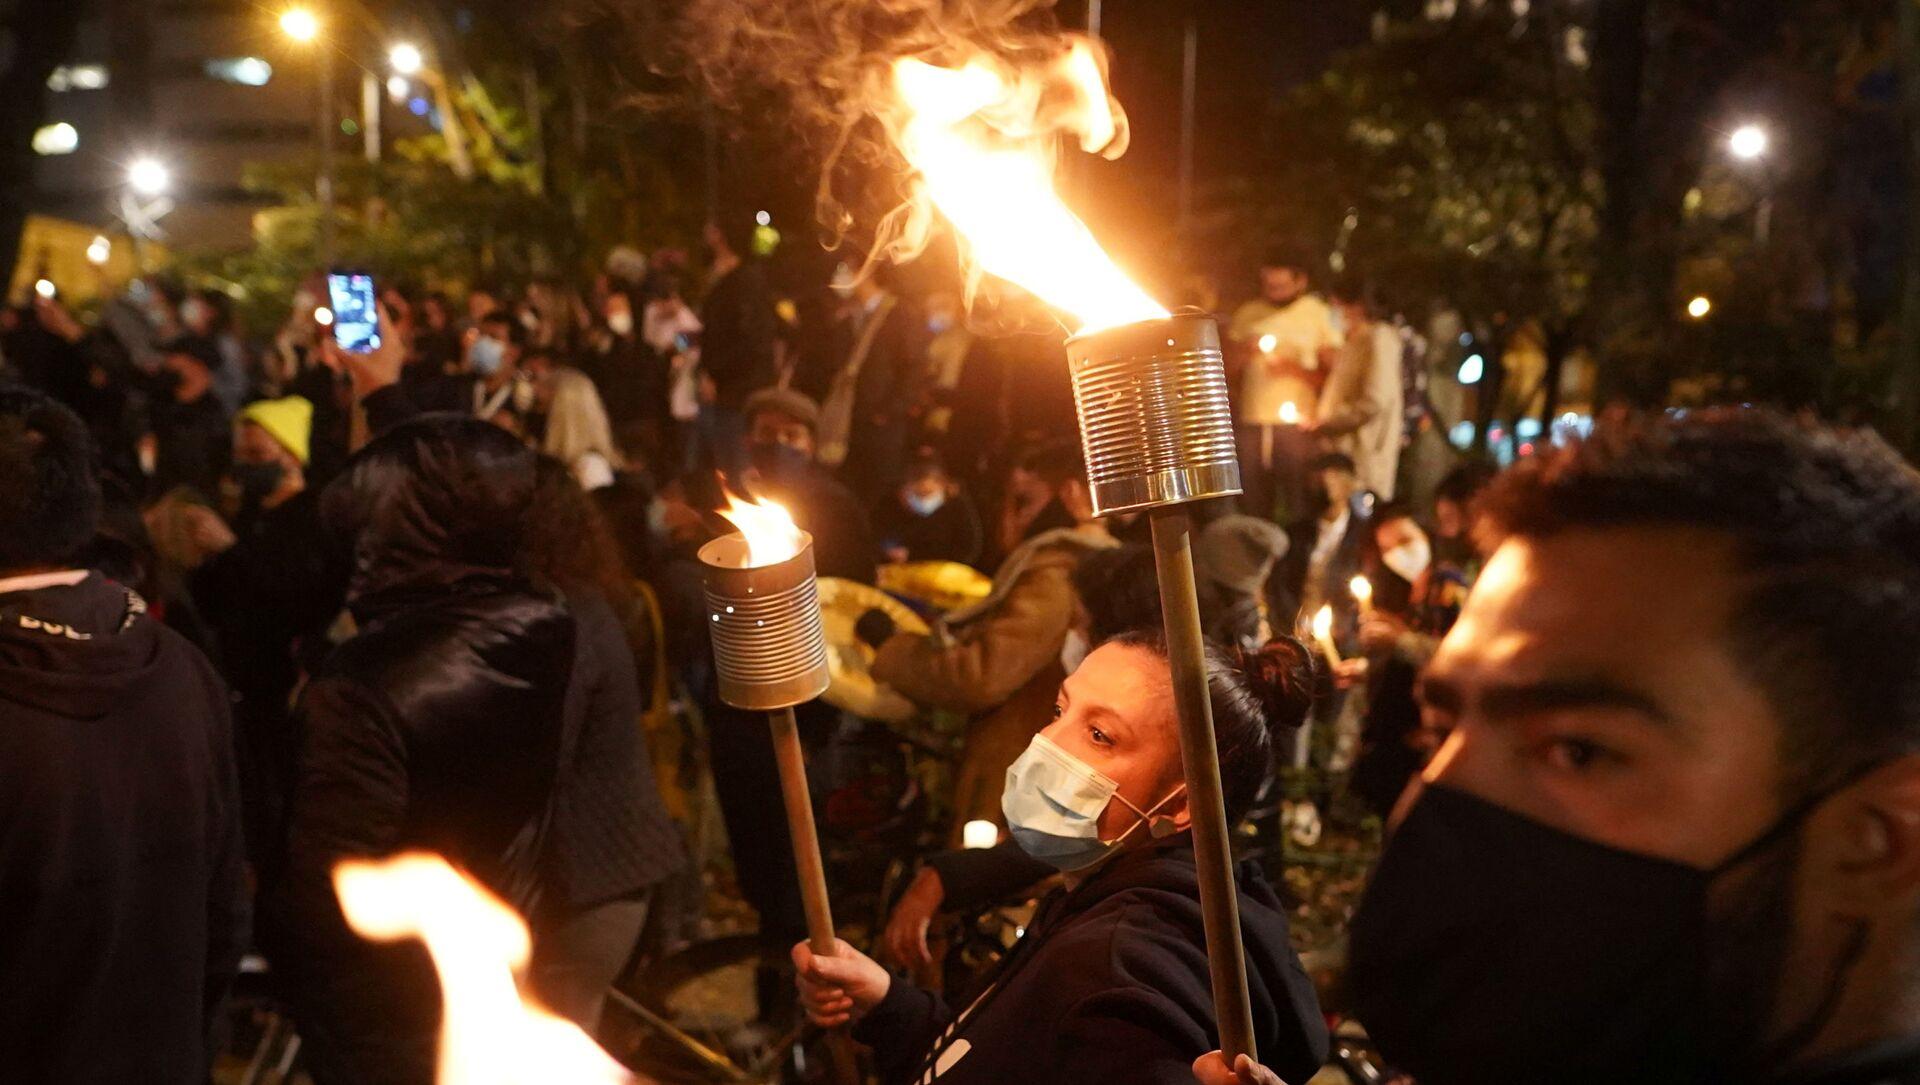 Vergi reformuna karşı başlayıp yoksulluk, sağlık ve eğitim sistemlerindeki eşitsizlik ve polis şiddetine karşı devam eden protestolar (Kolombiya, Bogota, 6 Mayıs 2021) - Sputnik Türkiye, 1920, 07.05.2021